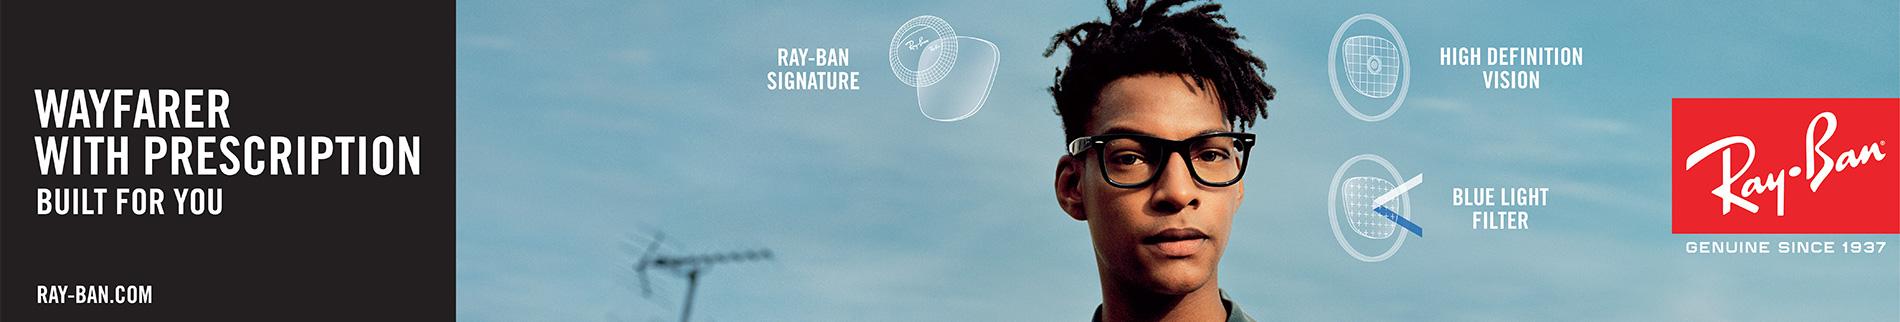 f0c0e3373861f2 Ray-Ban Prescription Glasses